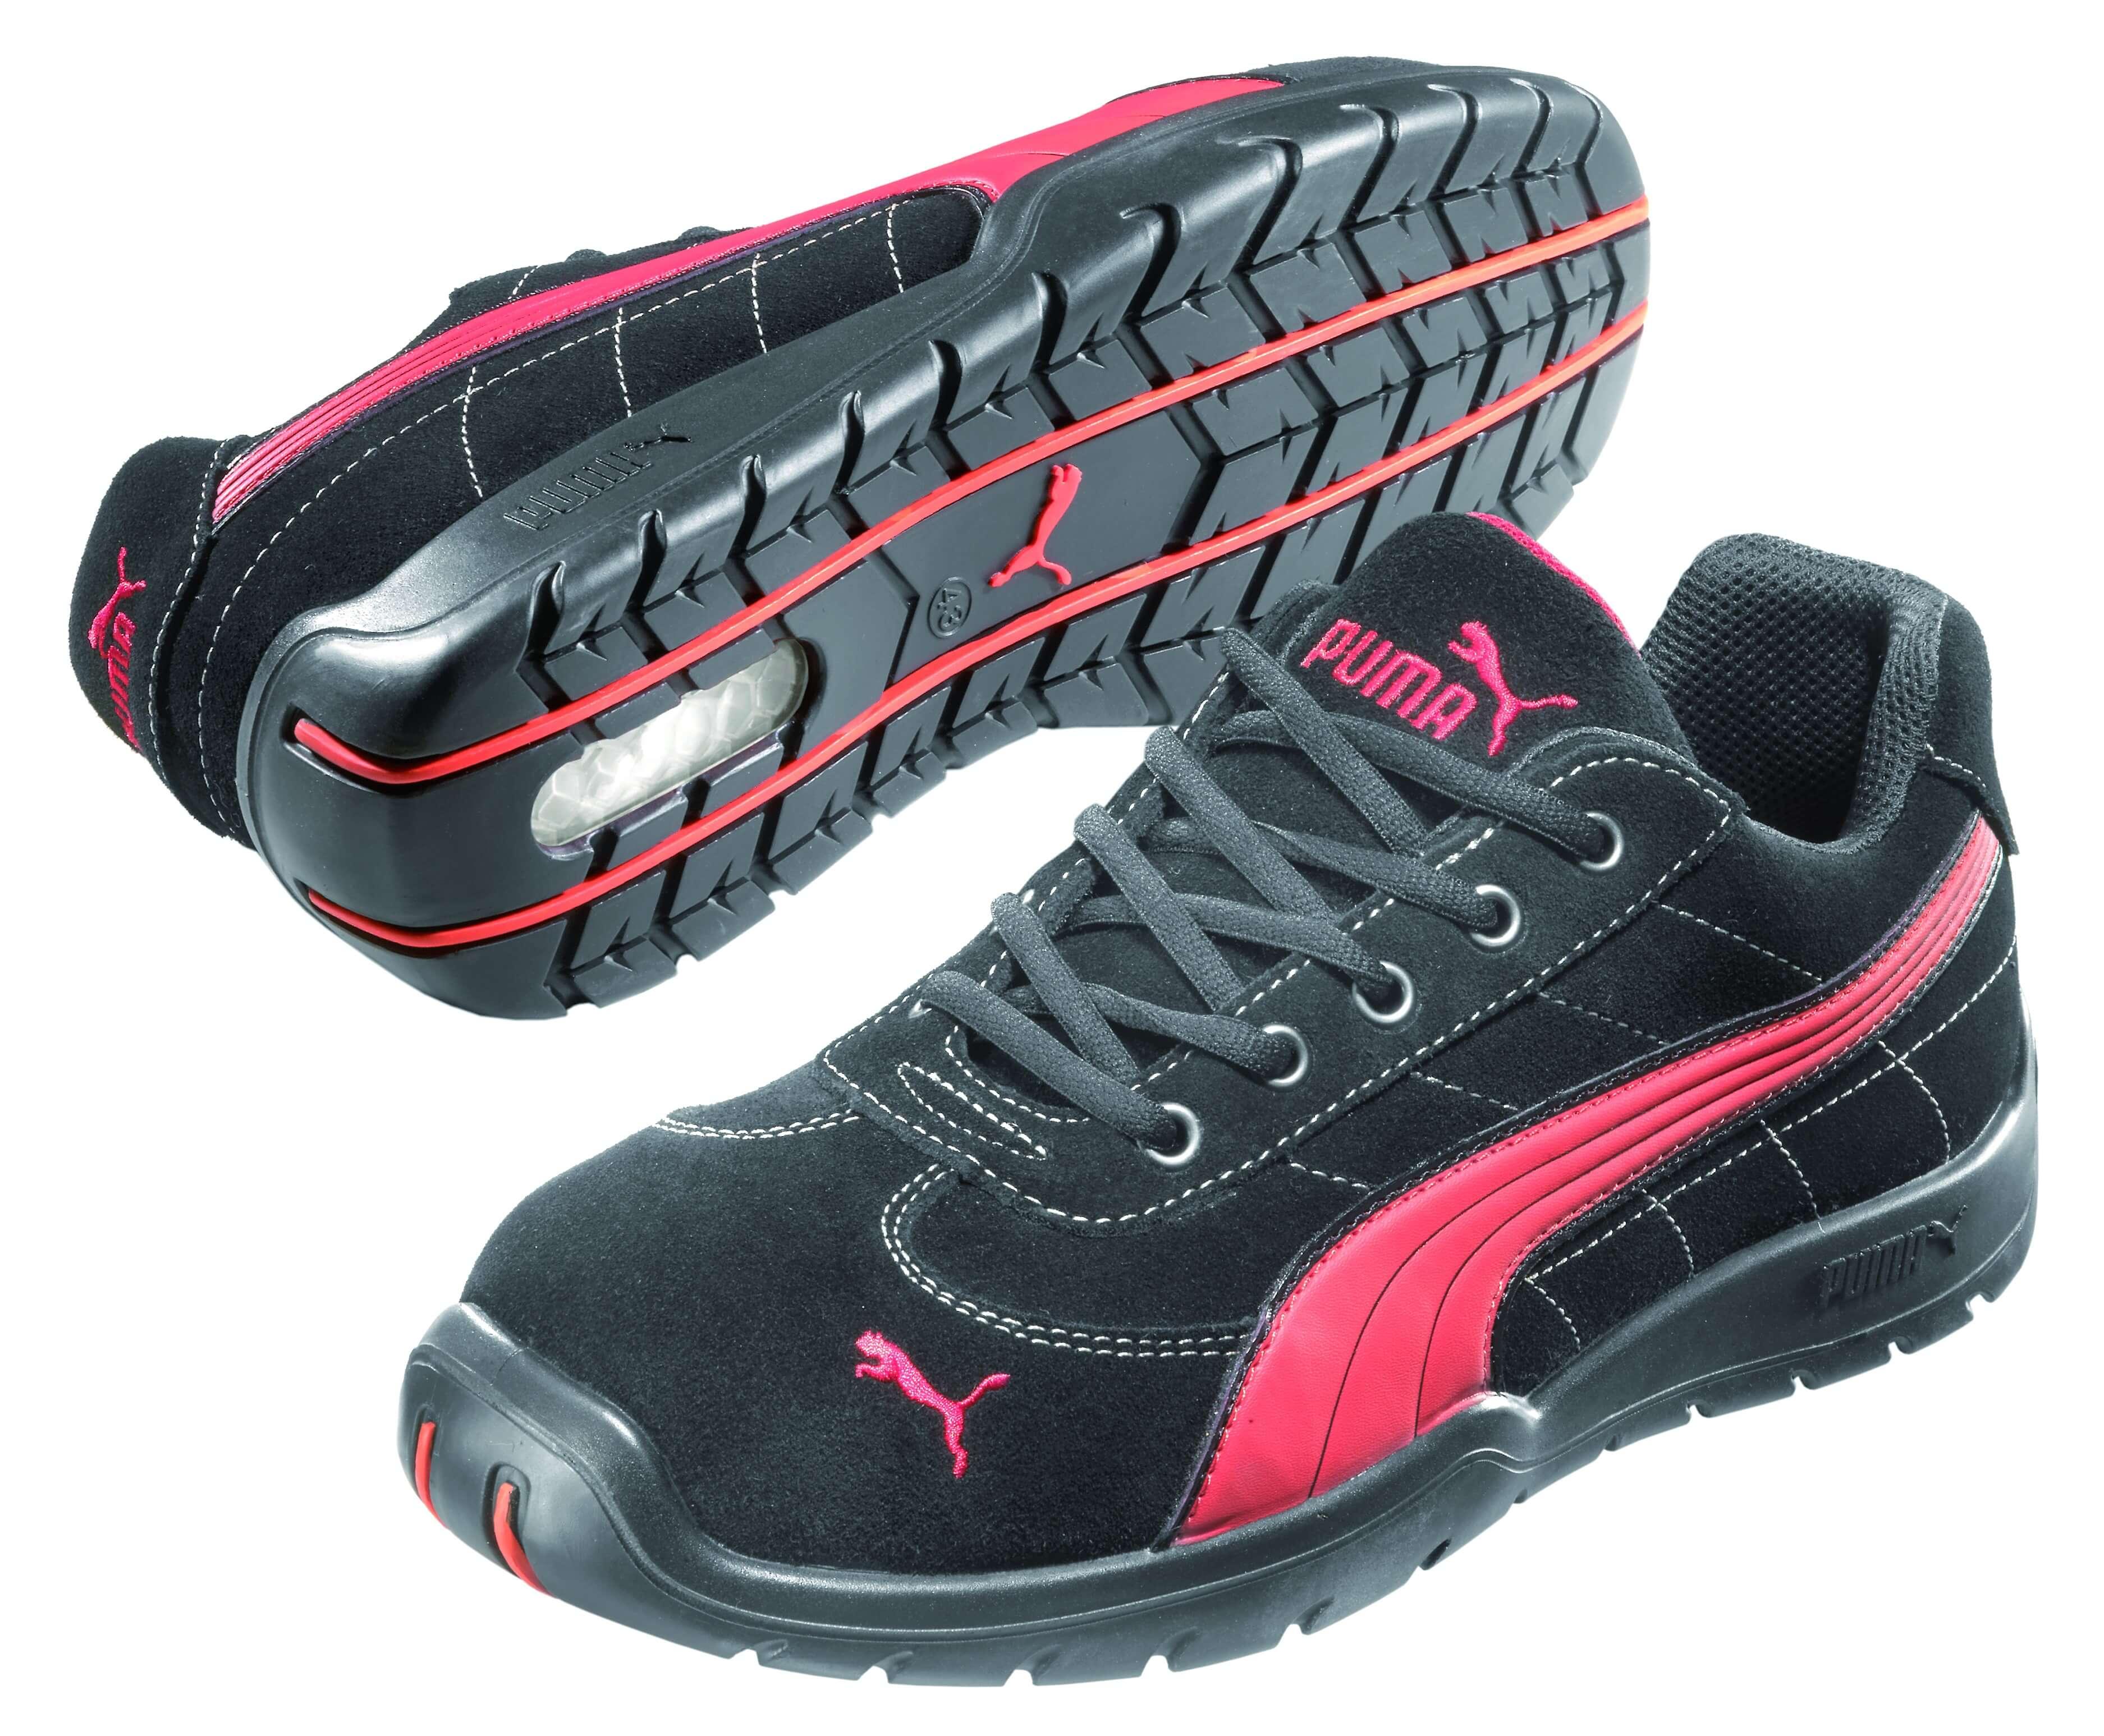 acheter en ligne 321db 53f96 De Chaussures Sécurité Sécurité 642630 Souple De Souple ...